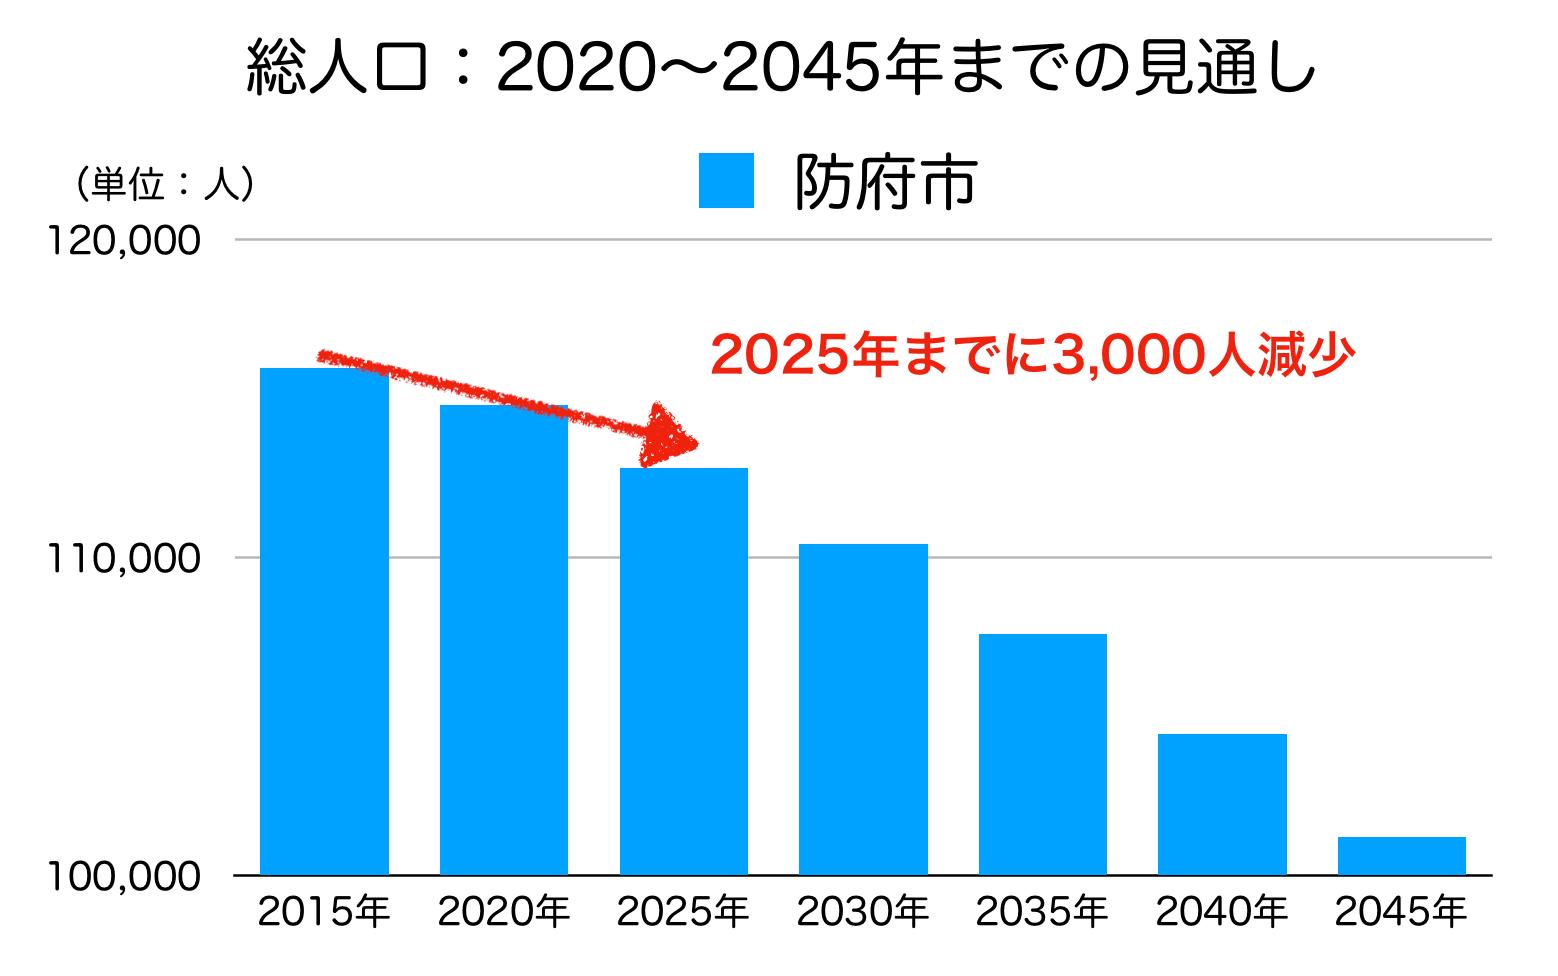 防府市の人口予測